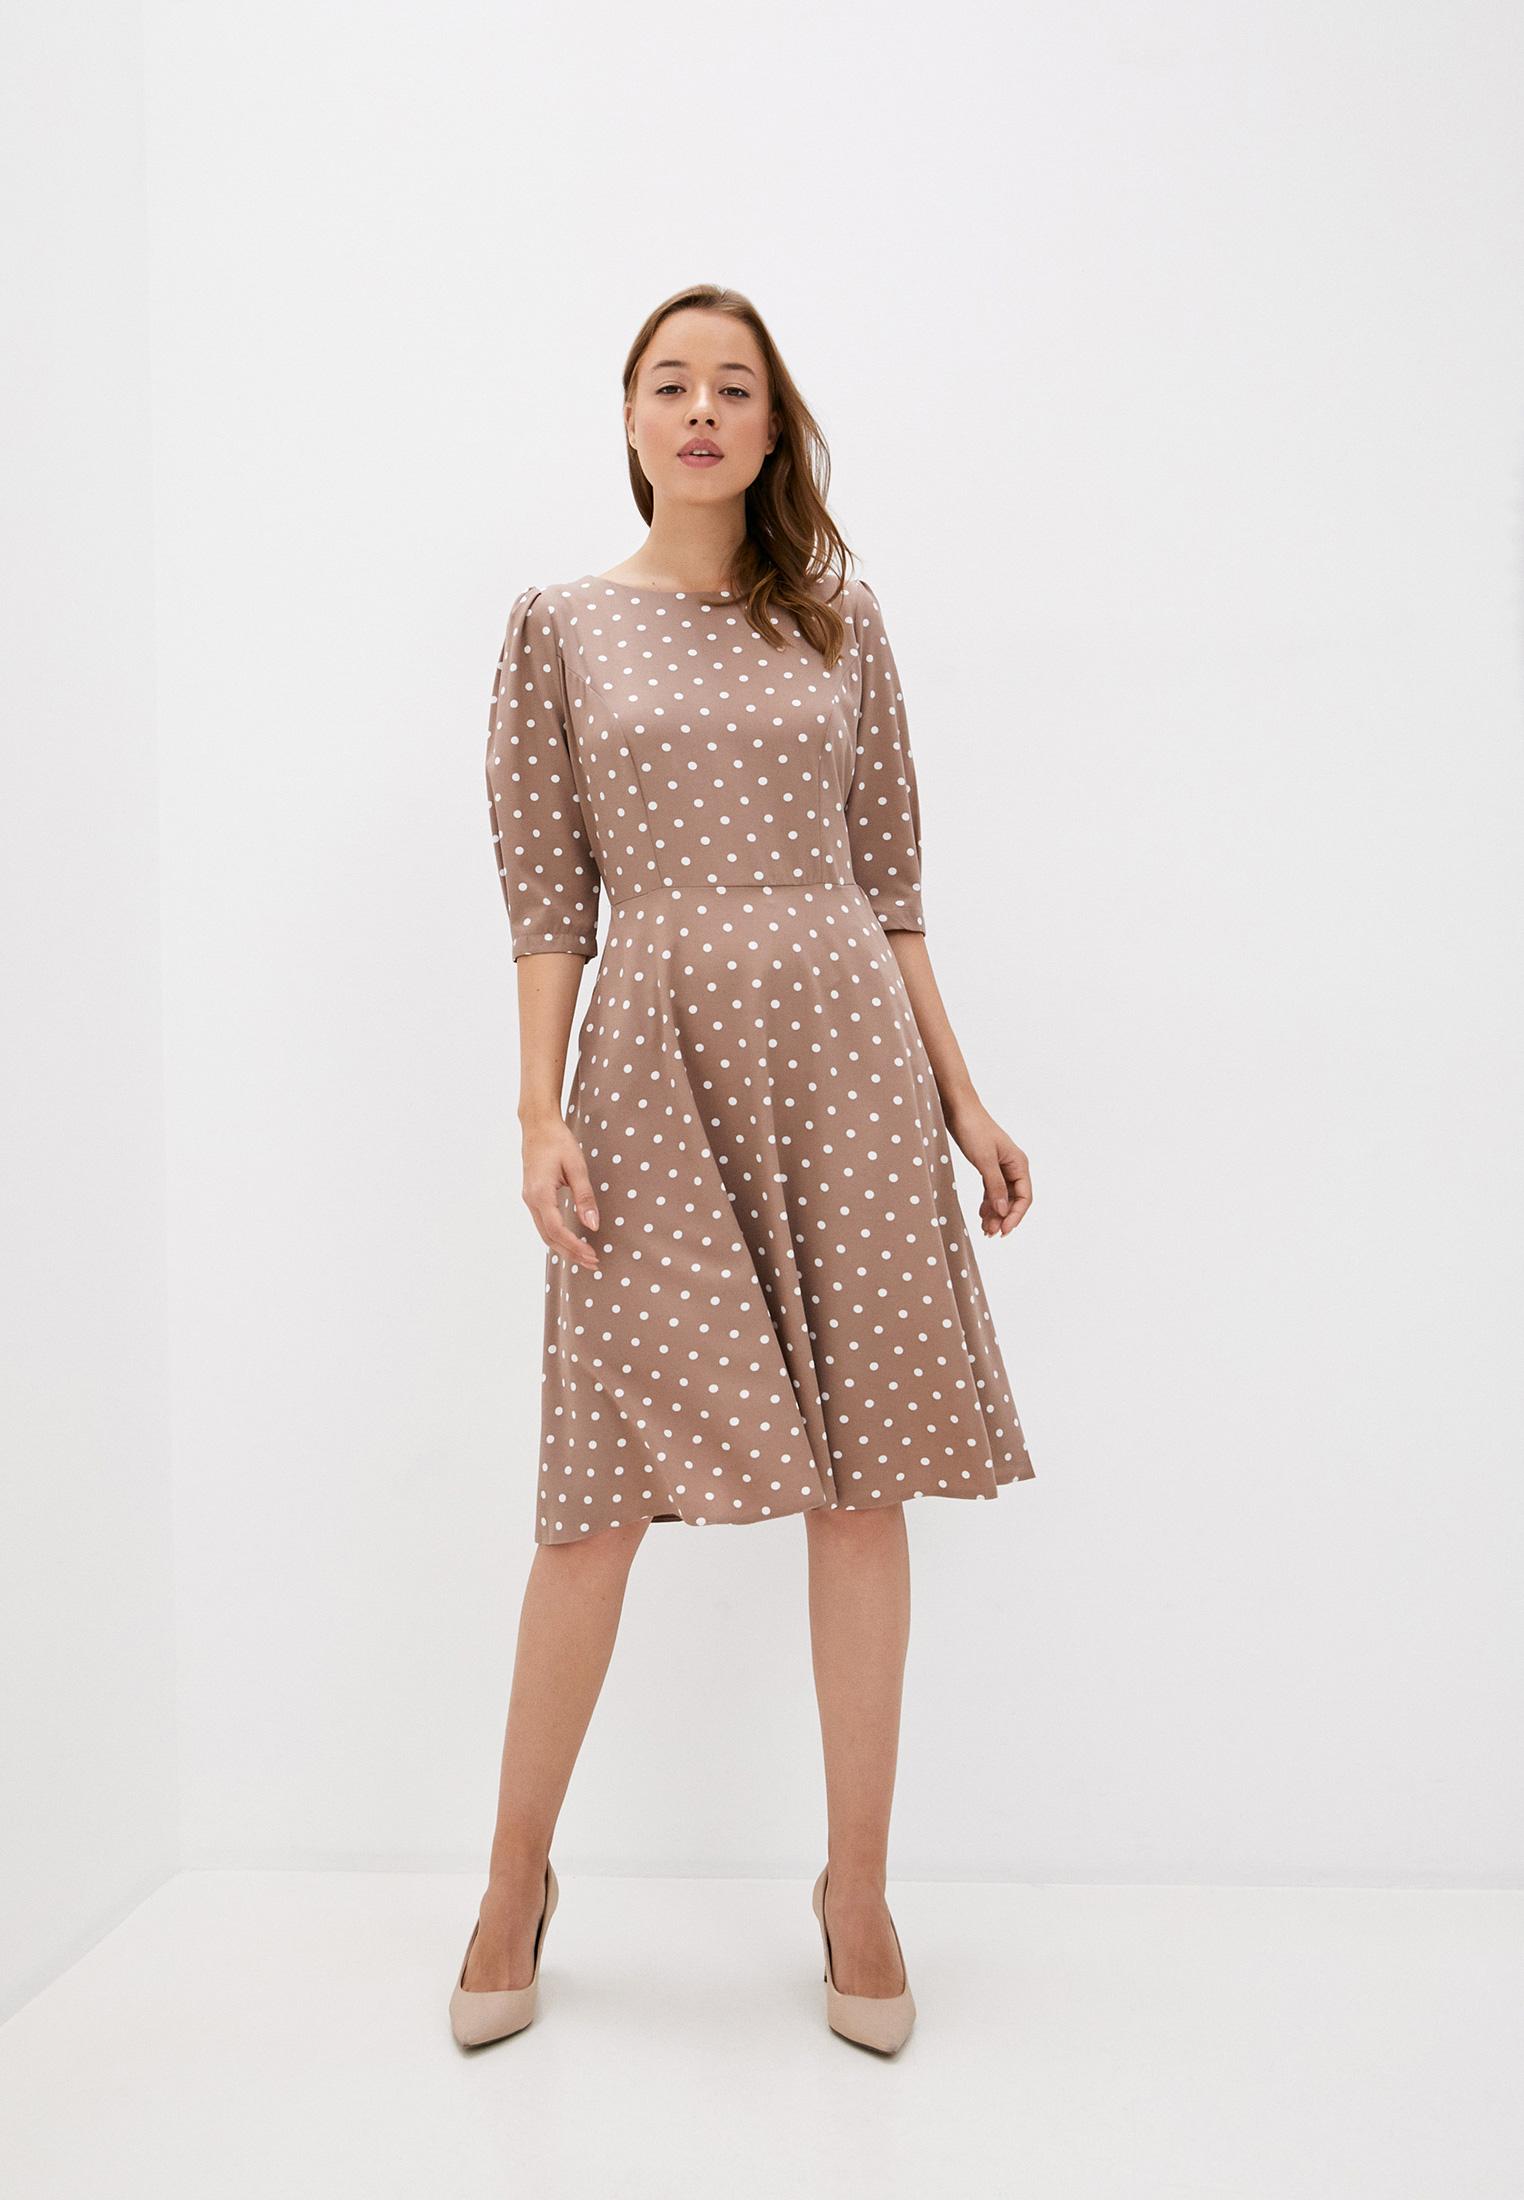 Повседневное платье Toku Tino TT8513023k/: изображение 6